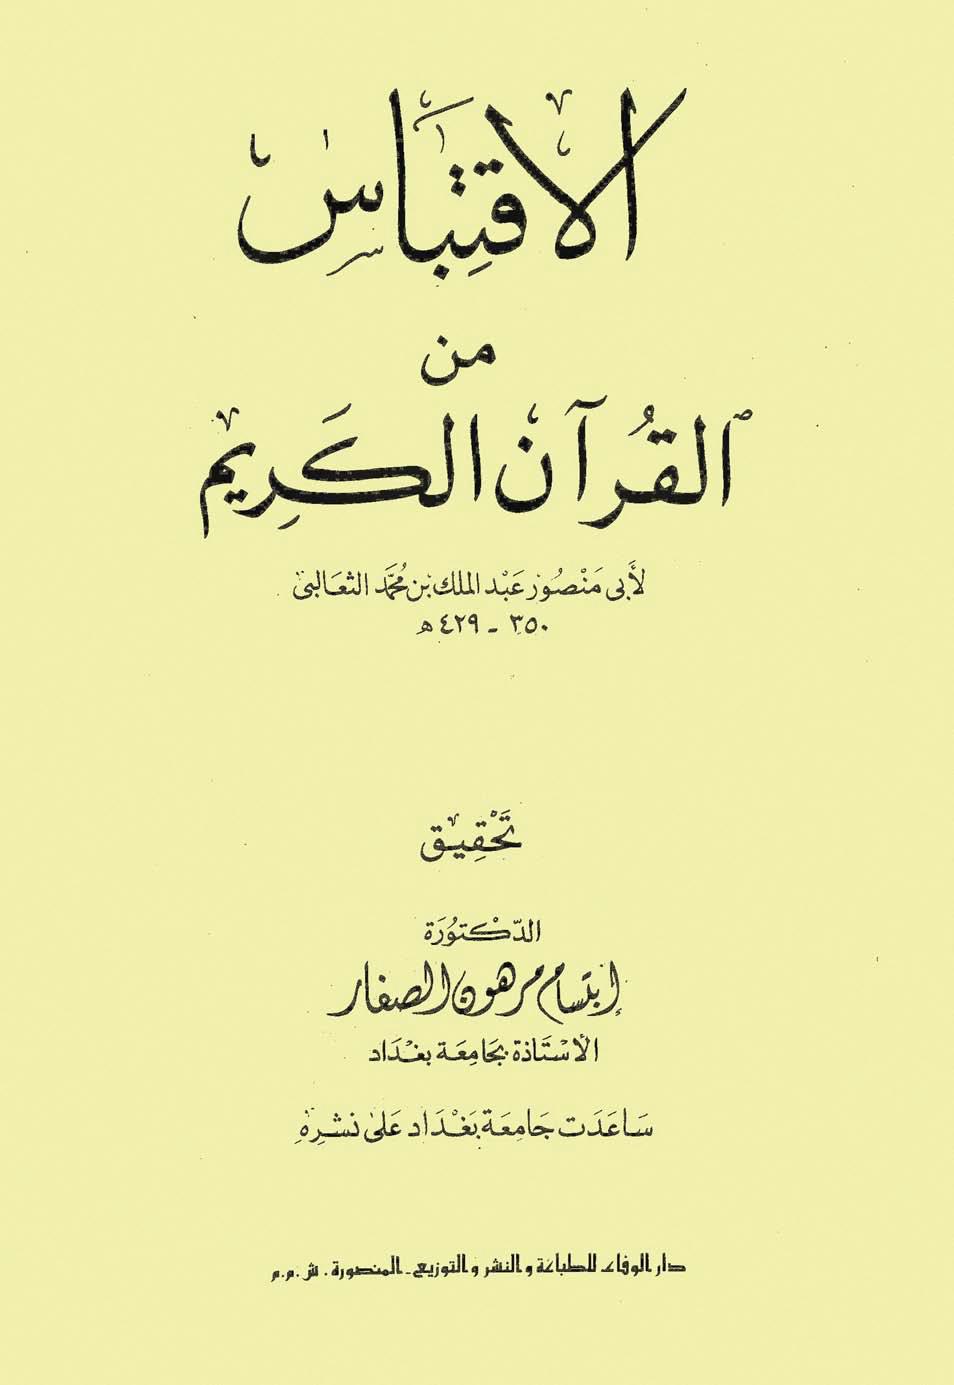 تحميل كتاب الاقتباس من القرآن الكريم لـِ: الإمام أبو منصور عبد الملك بن محمد بن إسماعيل الثعالبي (ت 429)